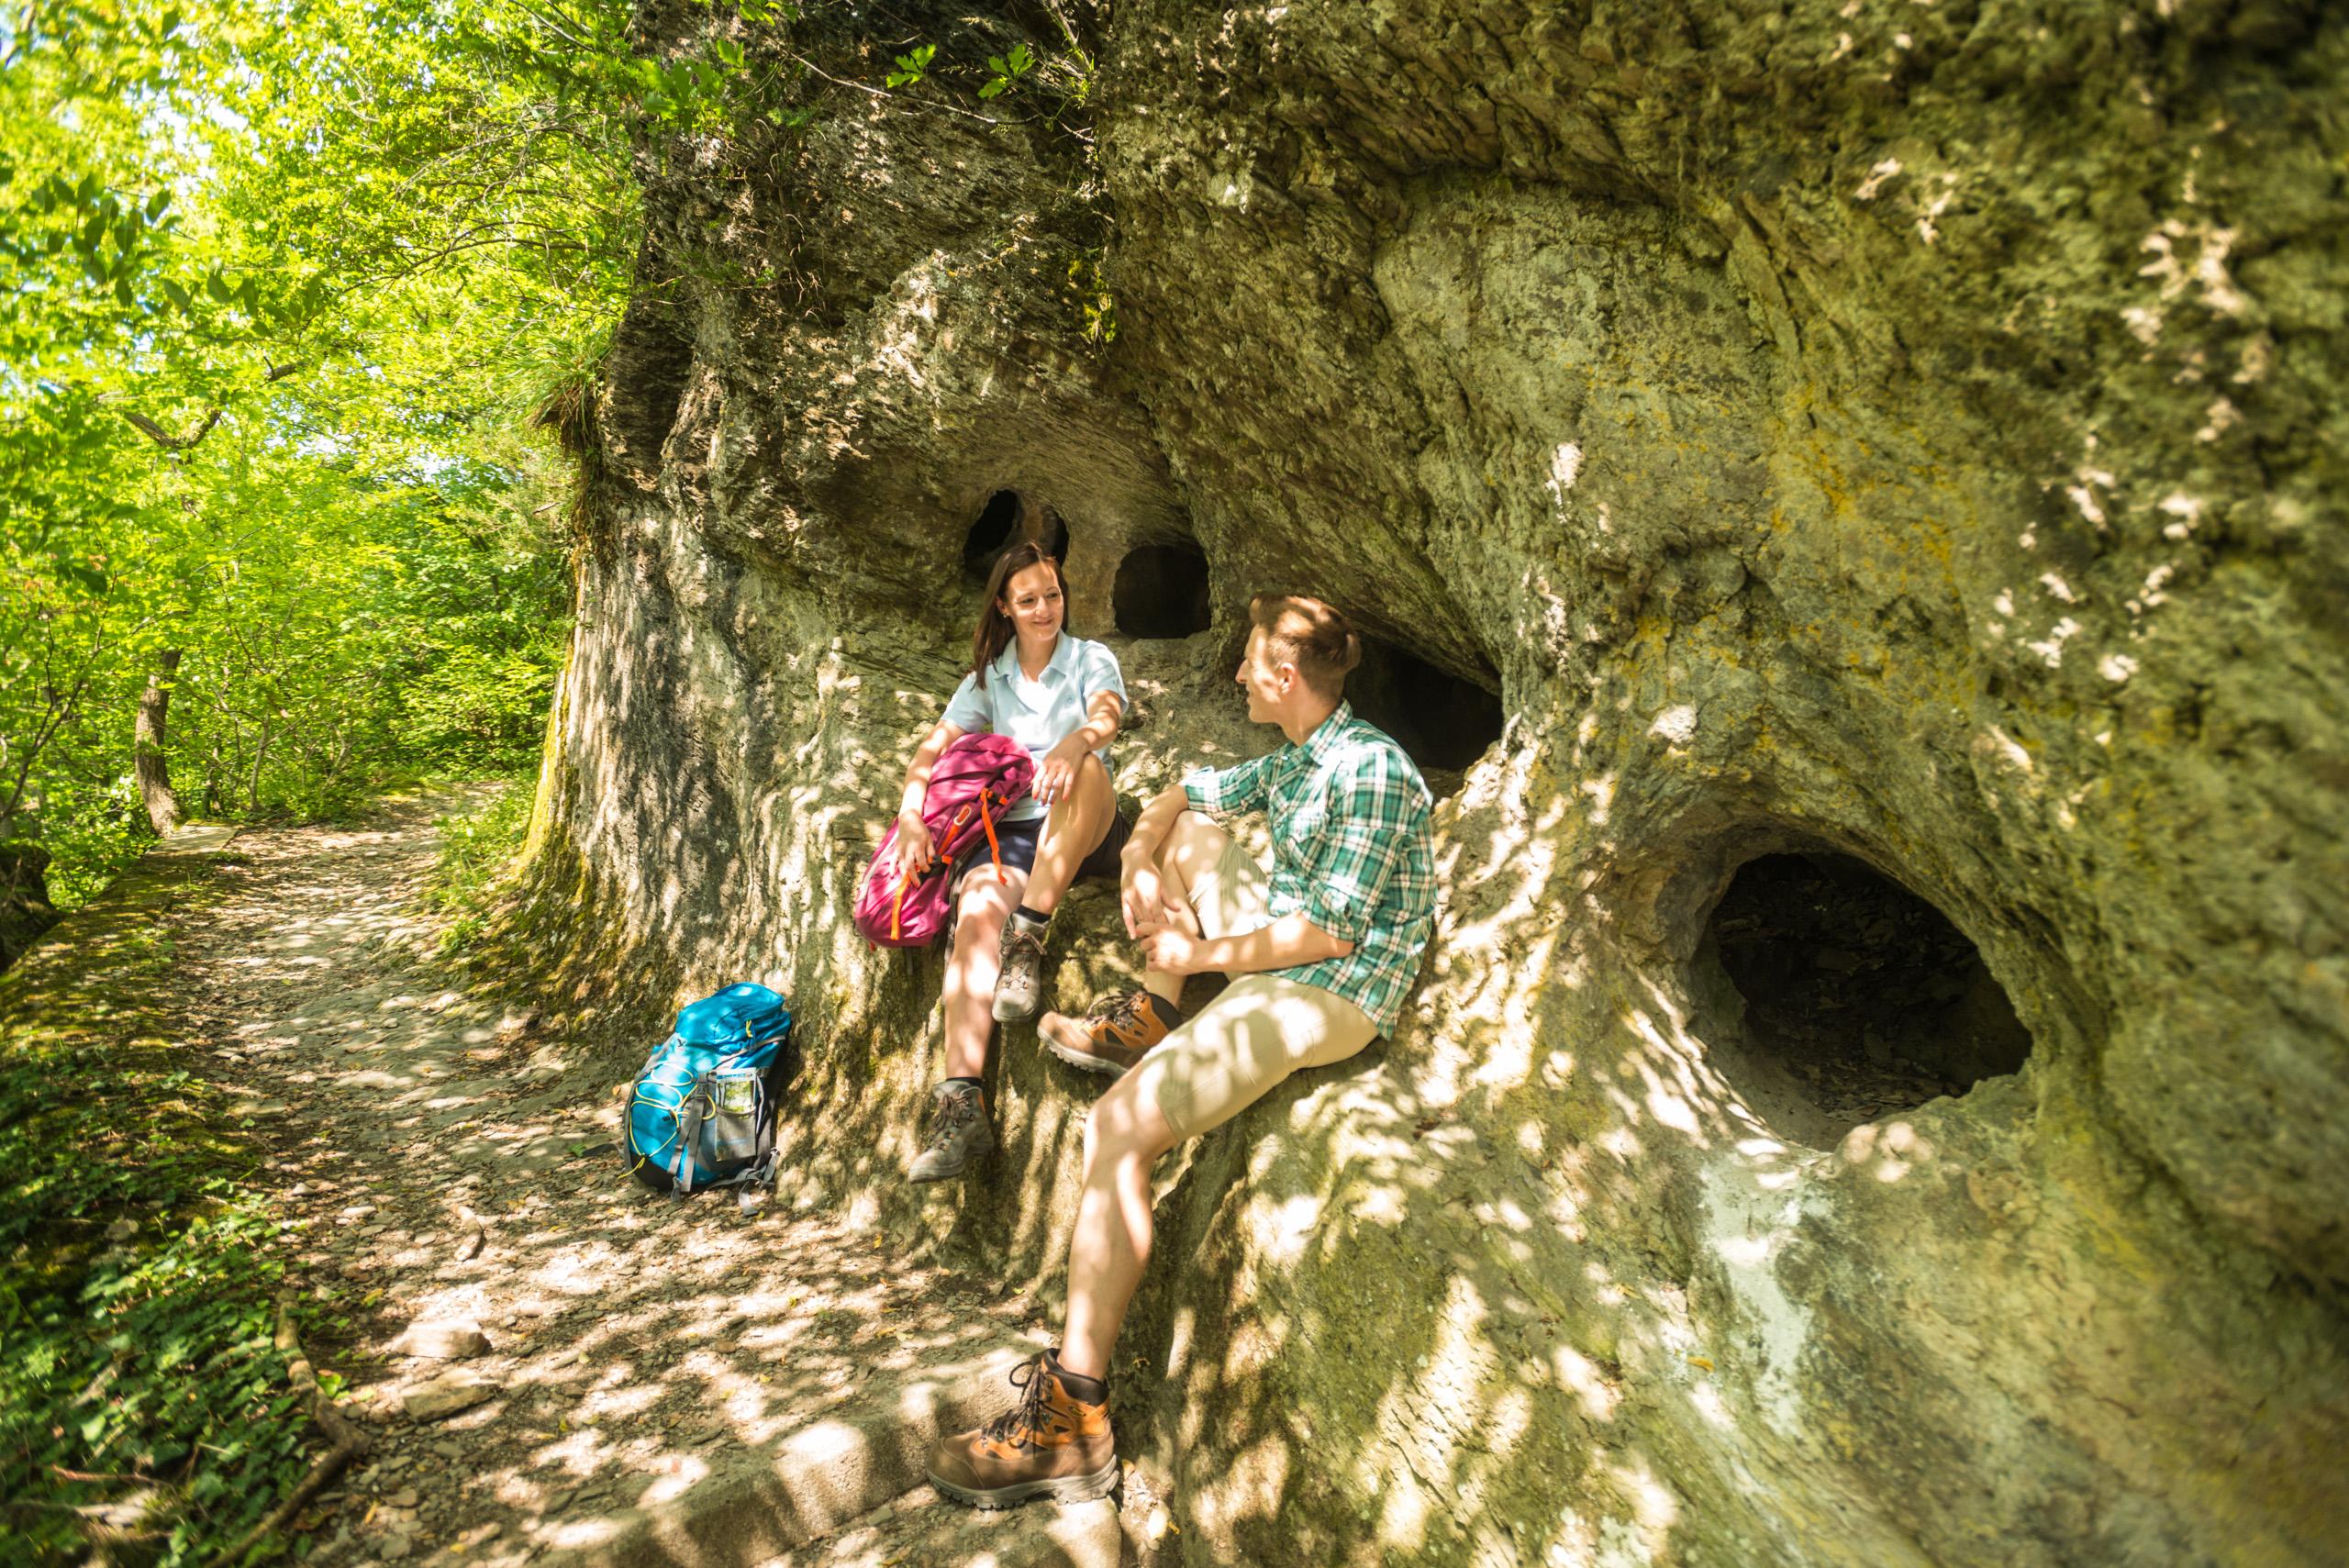 Heinzelmannshöhlen